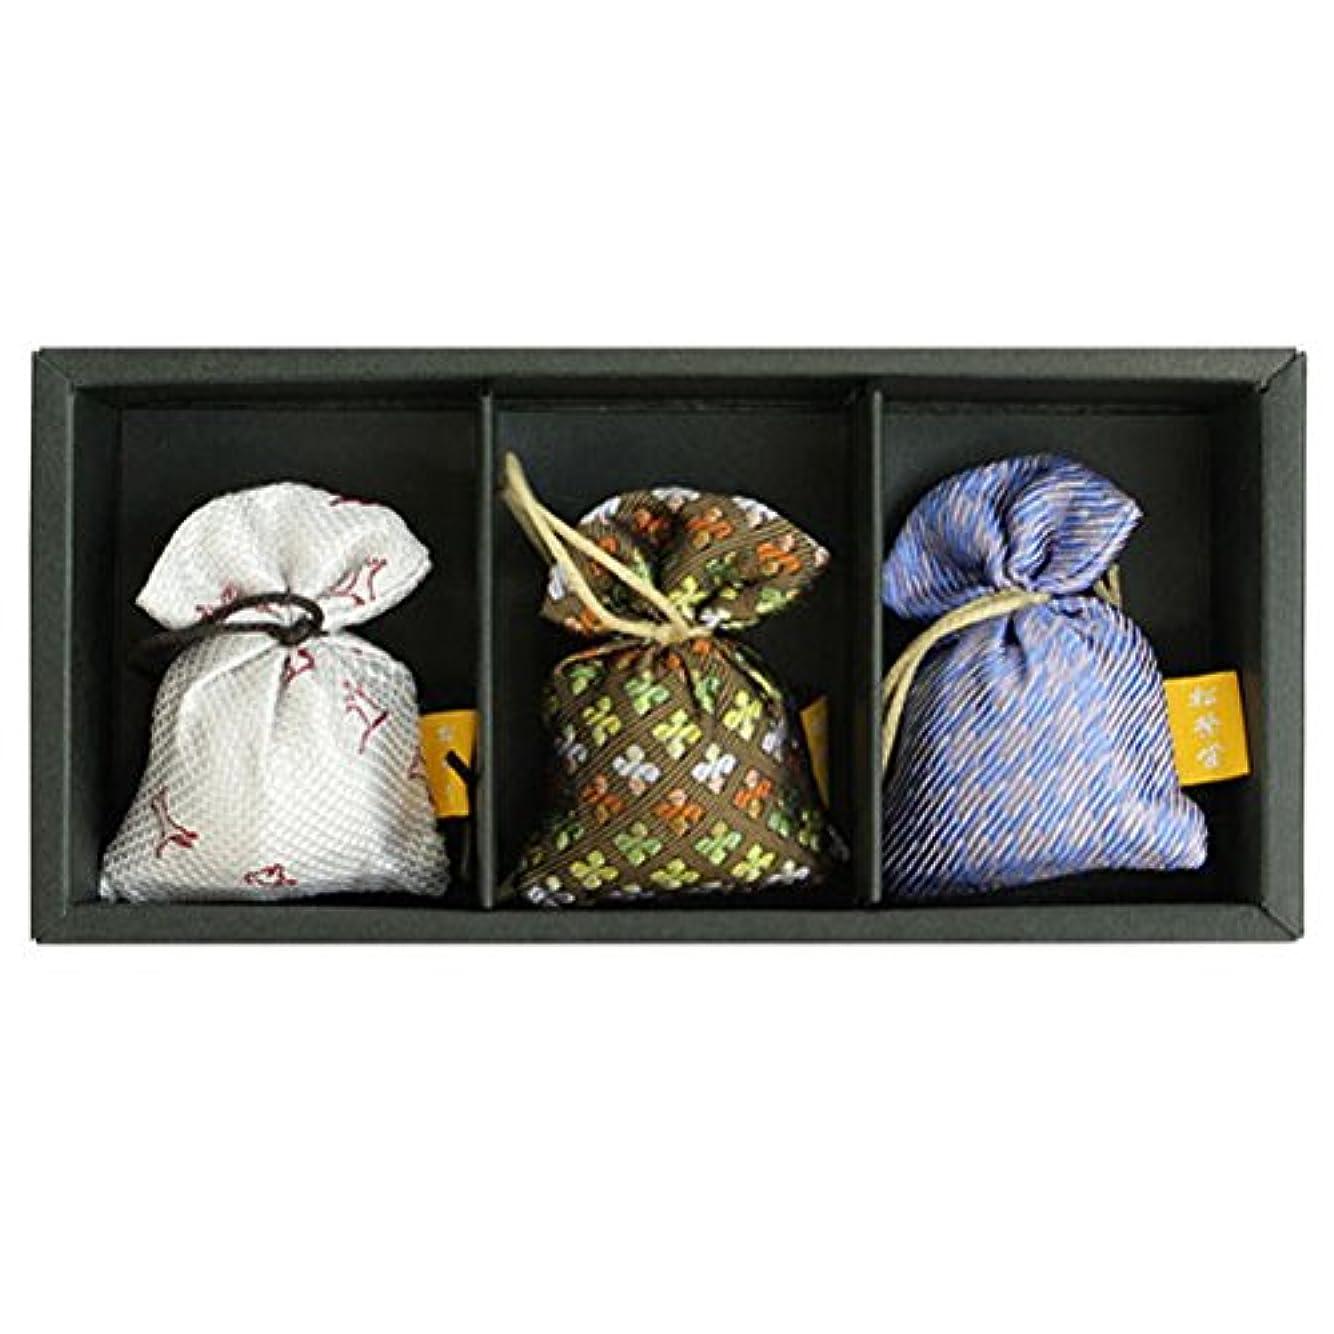 酸化物提唱する入手します匂い袋 誰が袖 薫 かおる 3個入 松栄堂 Shoyeido 本体長さ60mm (色?柄は選べません)